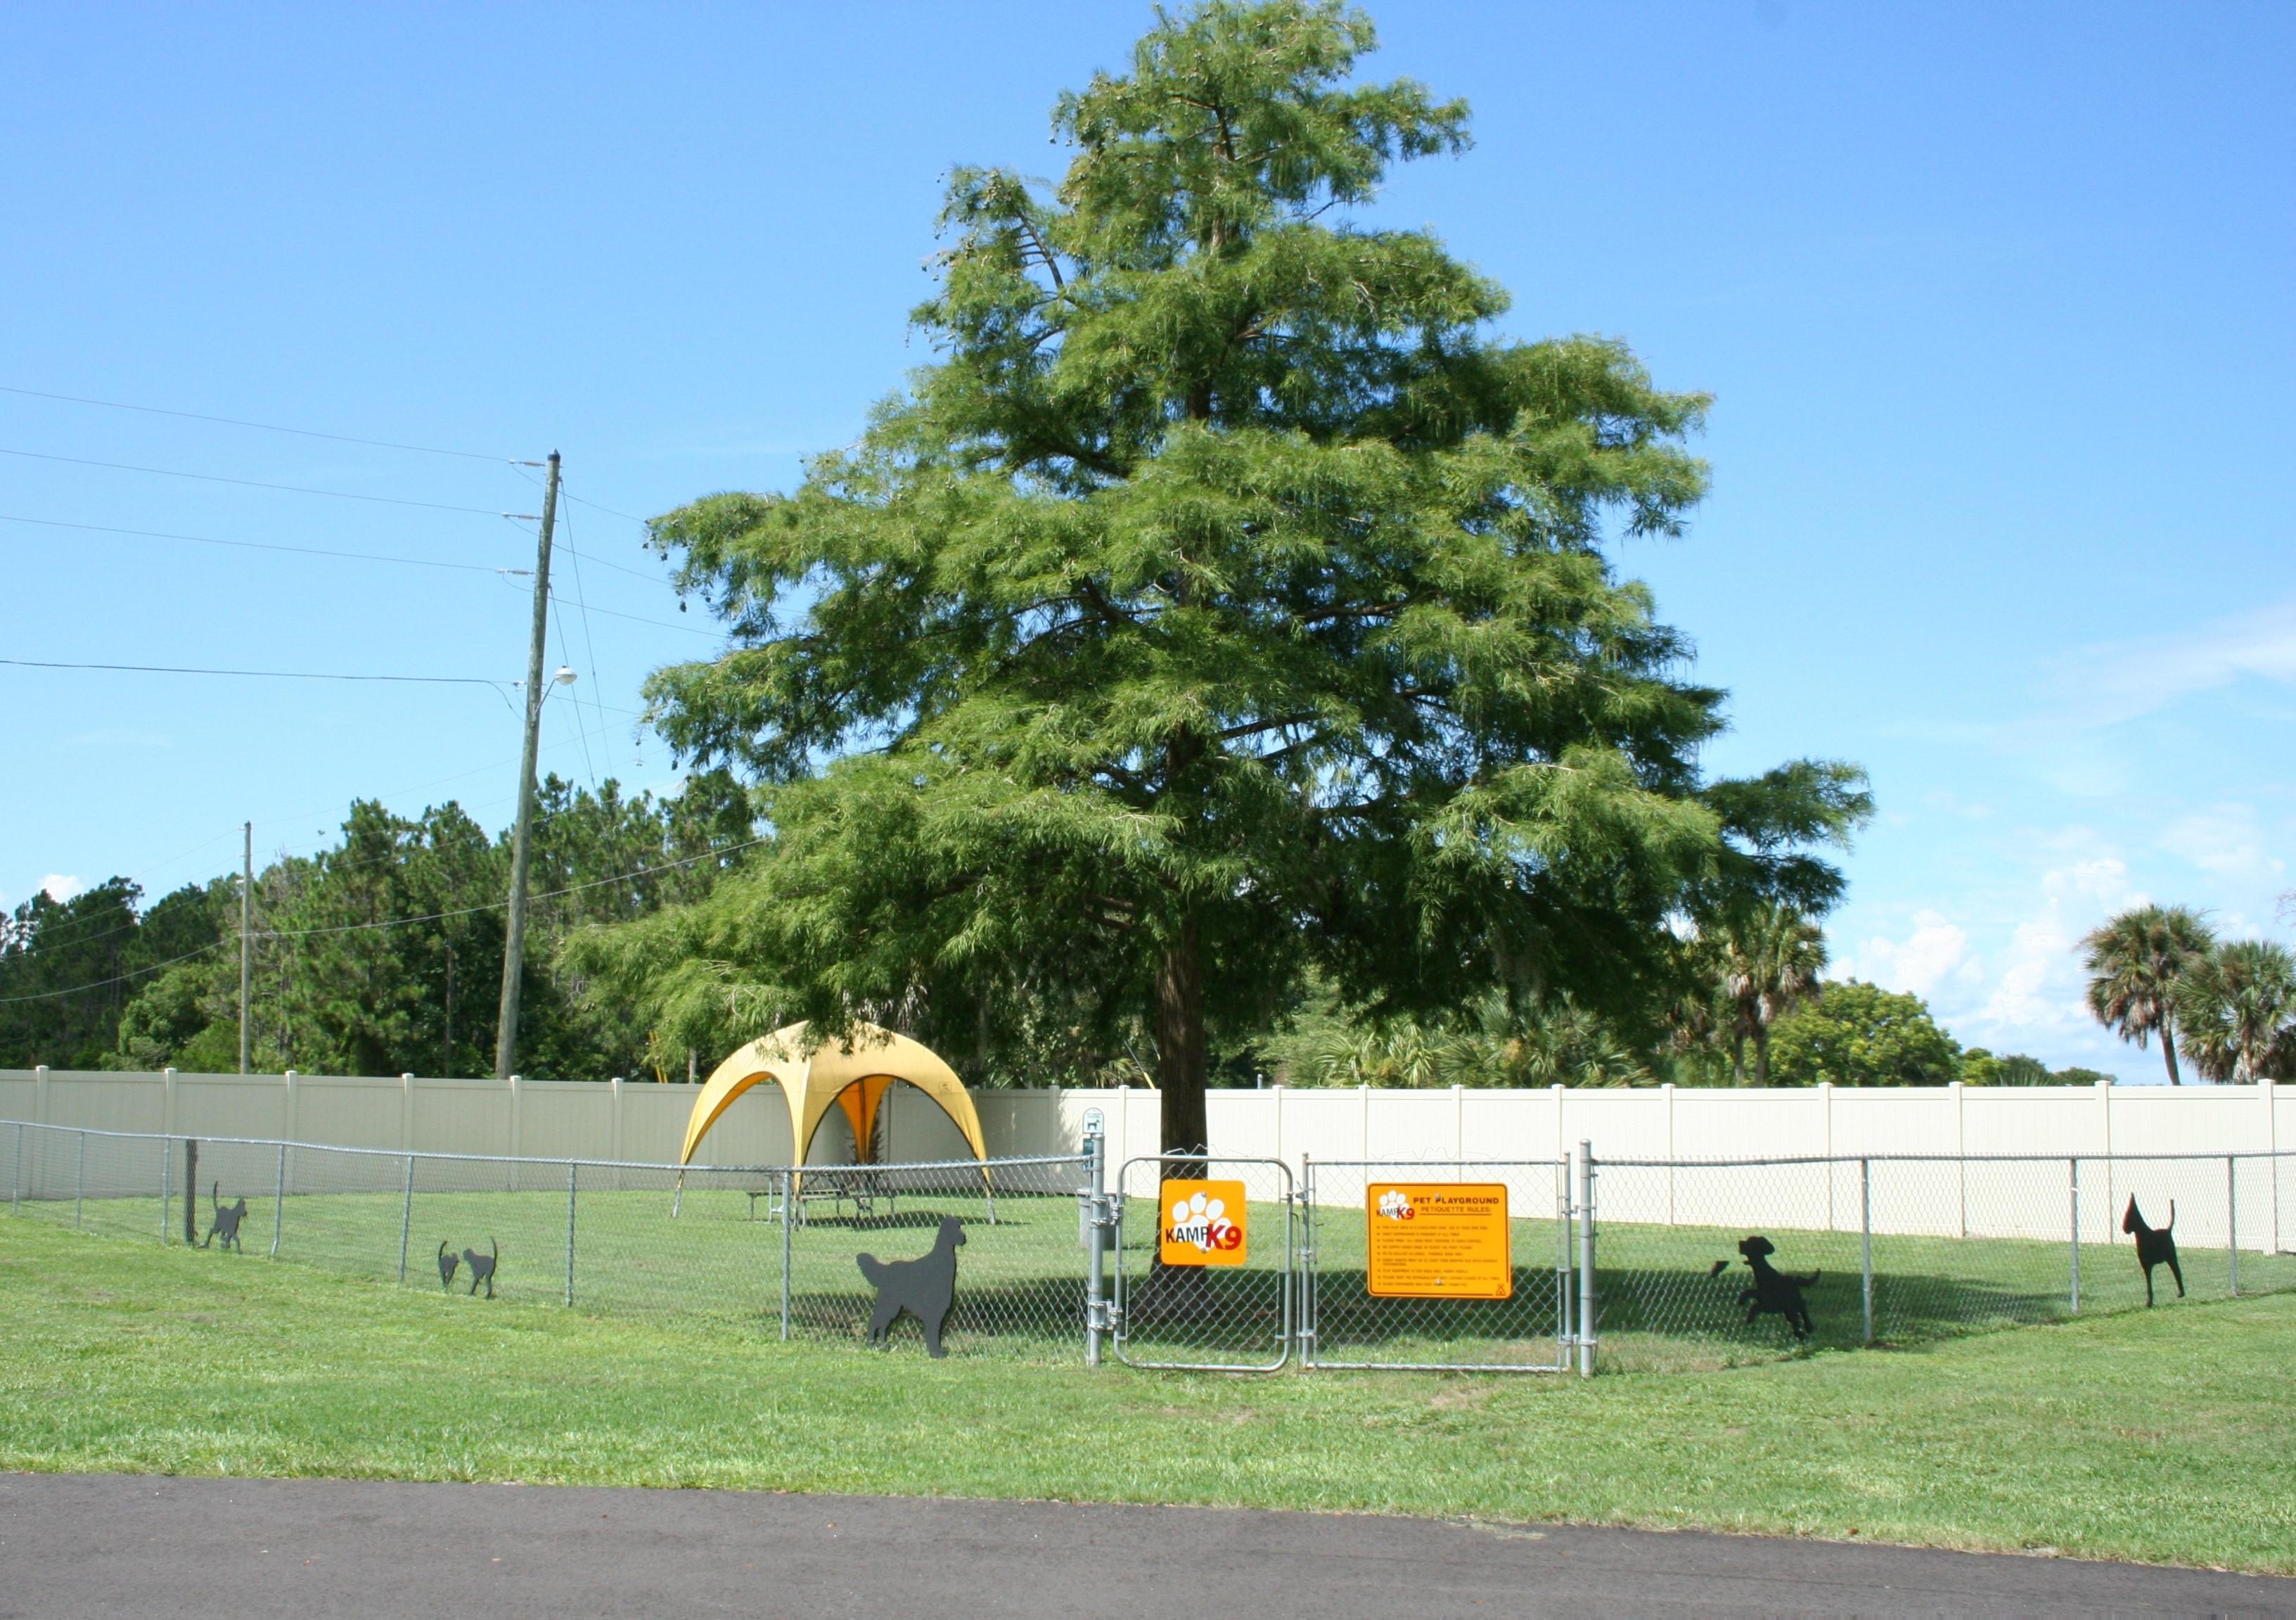 Kamp K9 dog park.